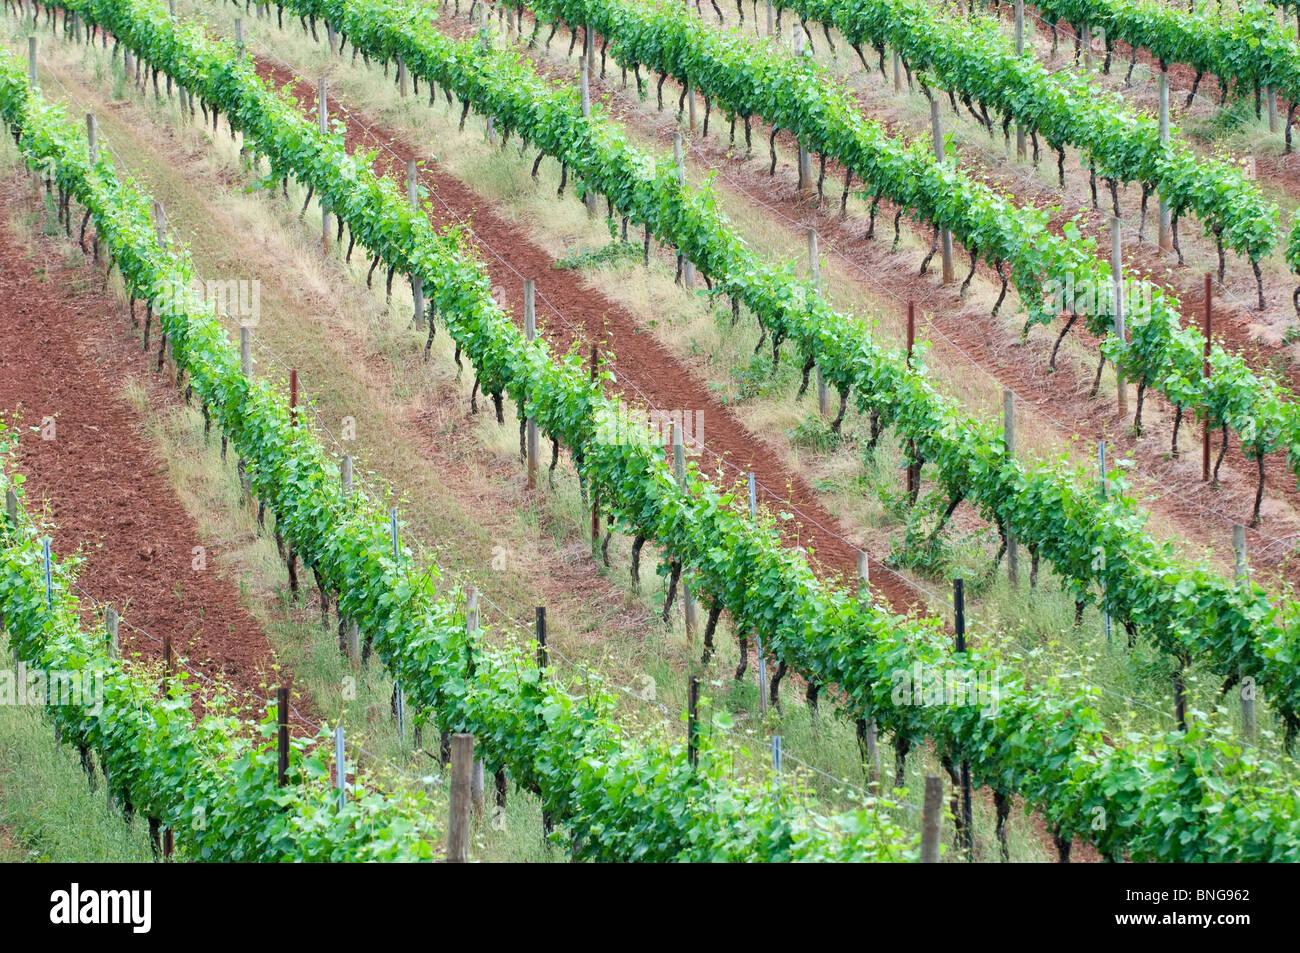 Tierra roja viñedos en Dundee Hills; cerca de McMinnville; Valle de Willamette, Oregon Imagen De Stock